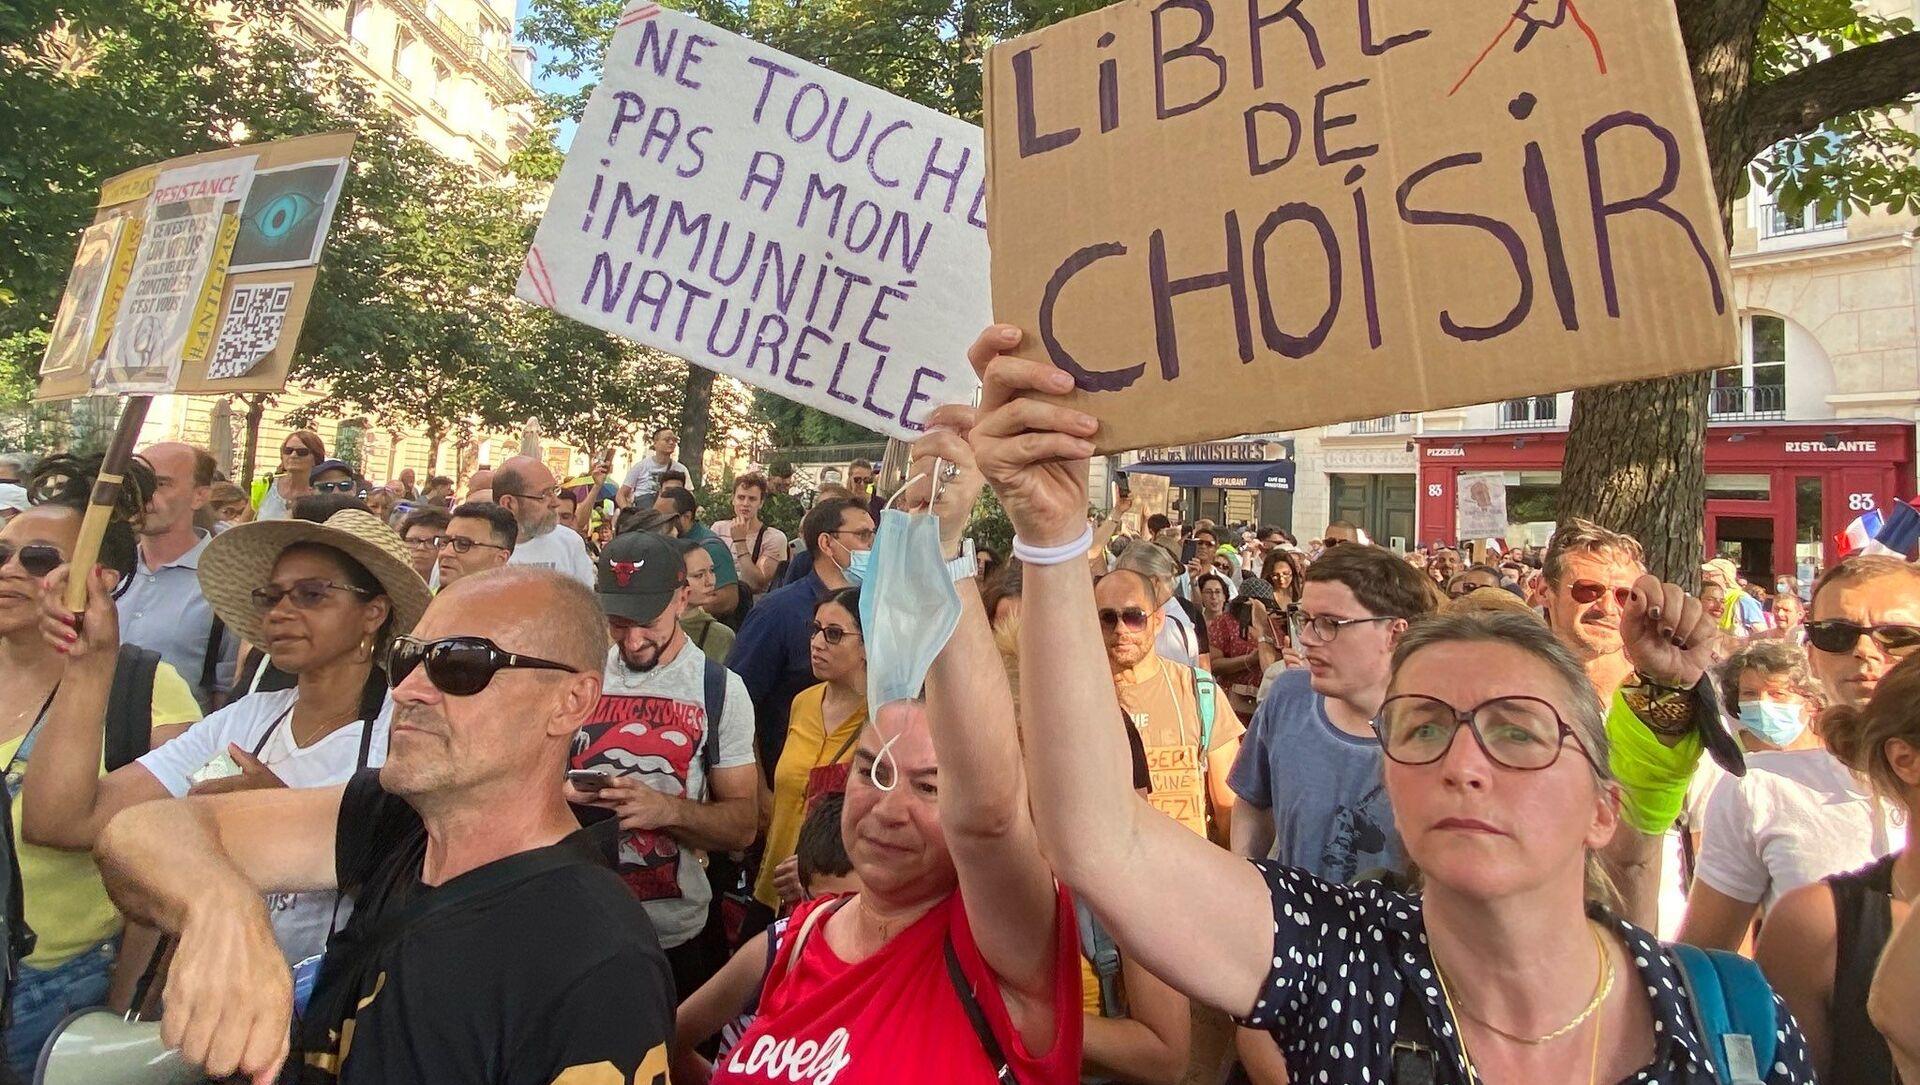 Manifestation contre le pass sanitaire et la vaccination obligatoire des soignants, 21 juillet 2021, Paris - Sputnik France, 1920, 13.08.2021